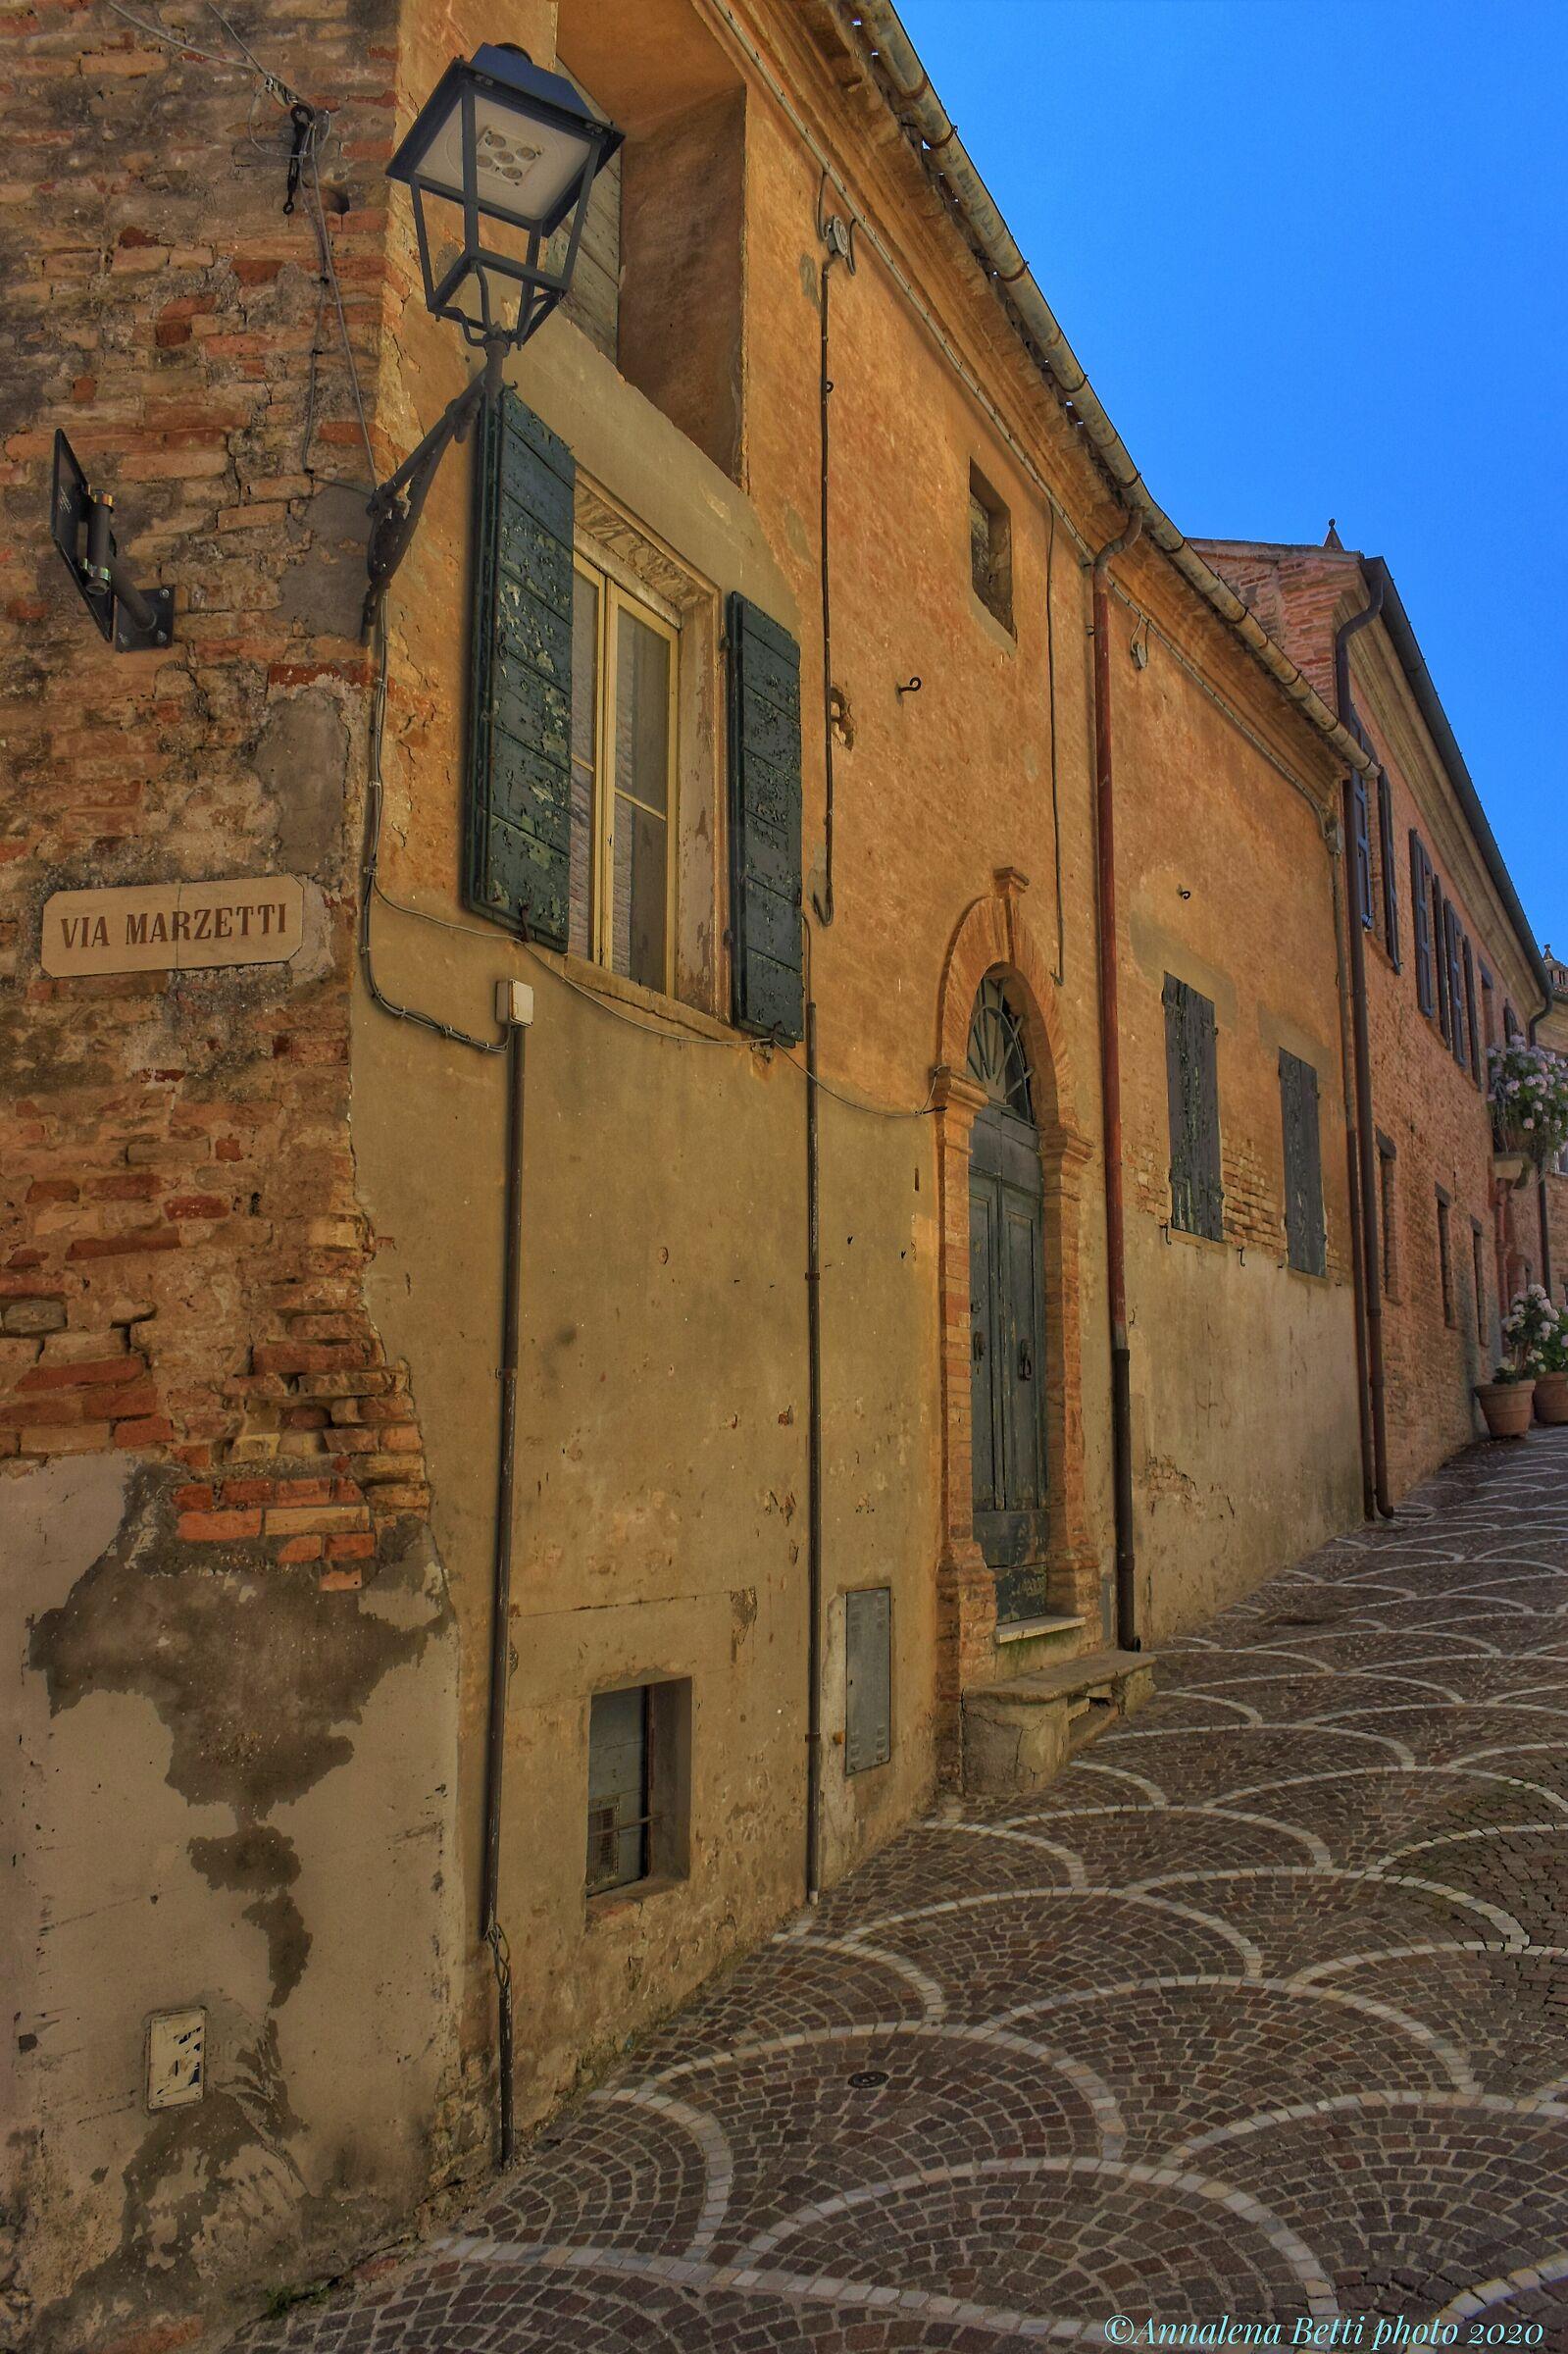 The small village of Fiorenzuola di Focara...